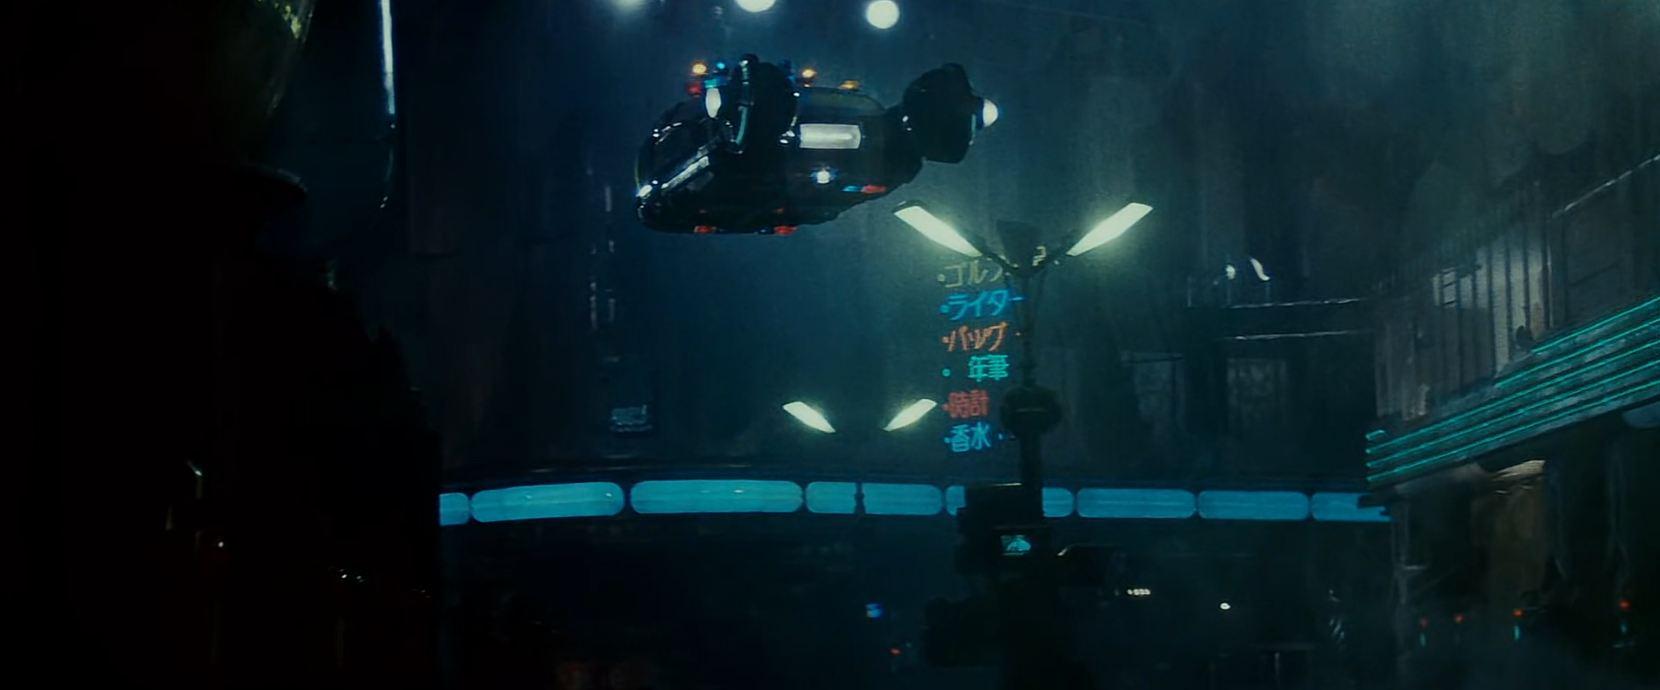 Blade Runner - Flying car